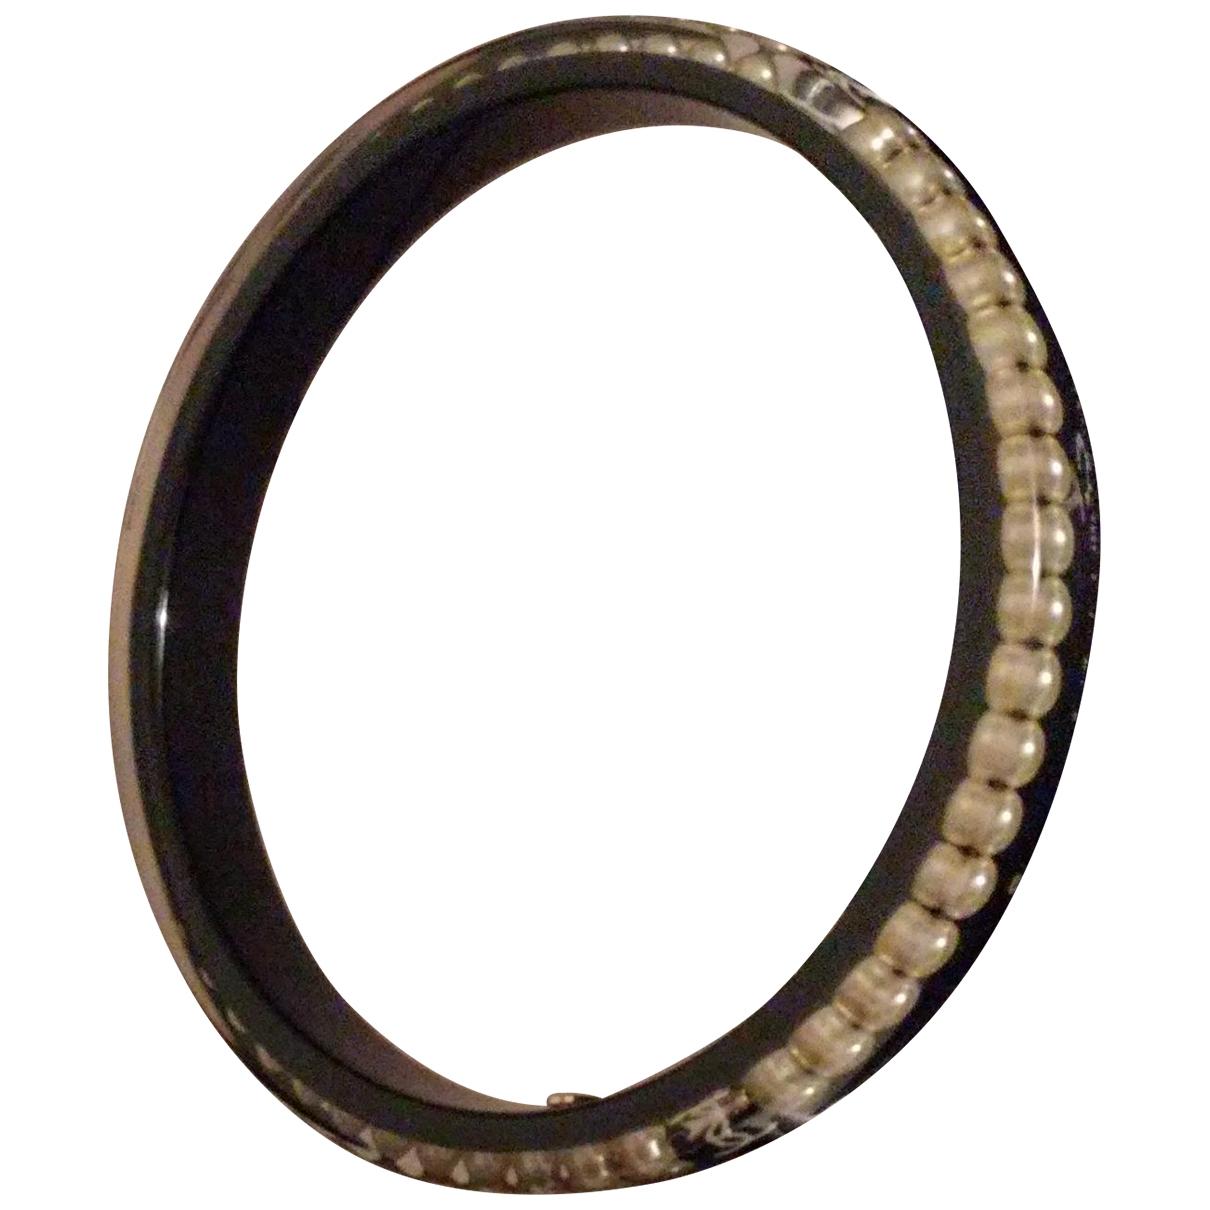 Chanel \N Black bracelet for Women \N